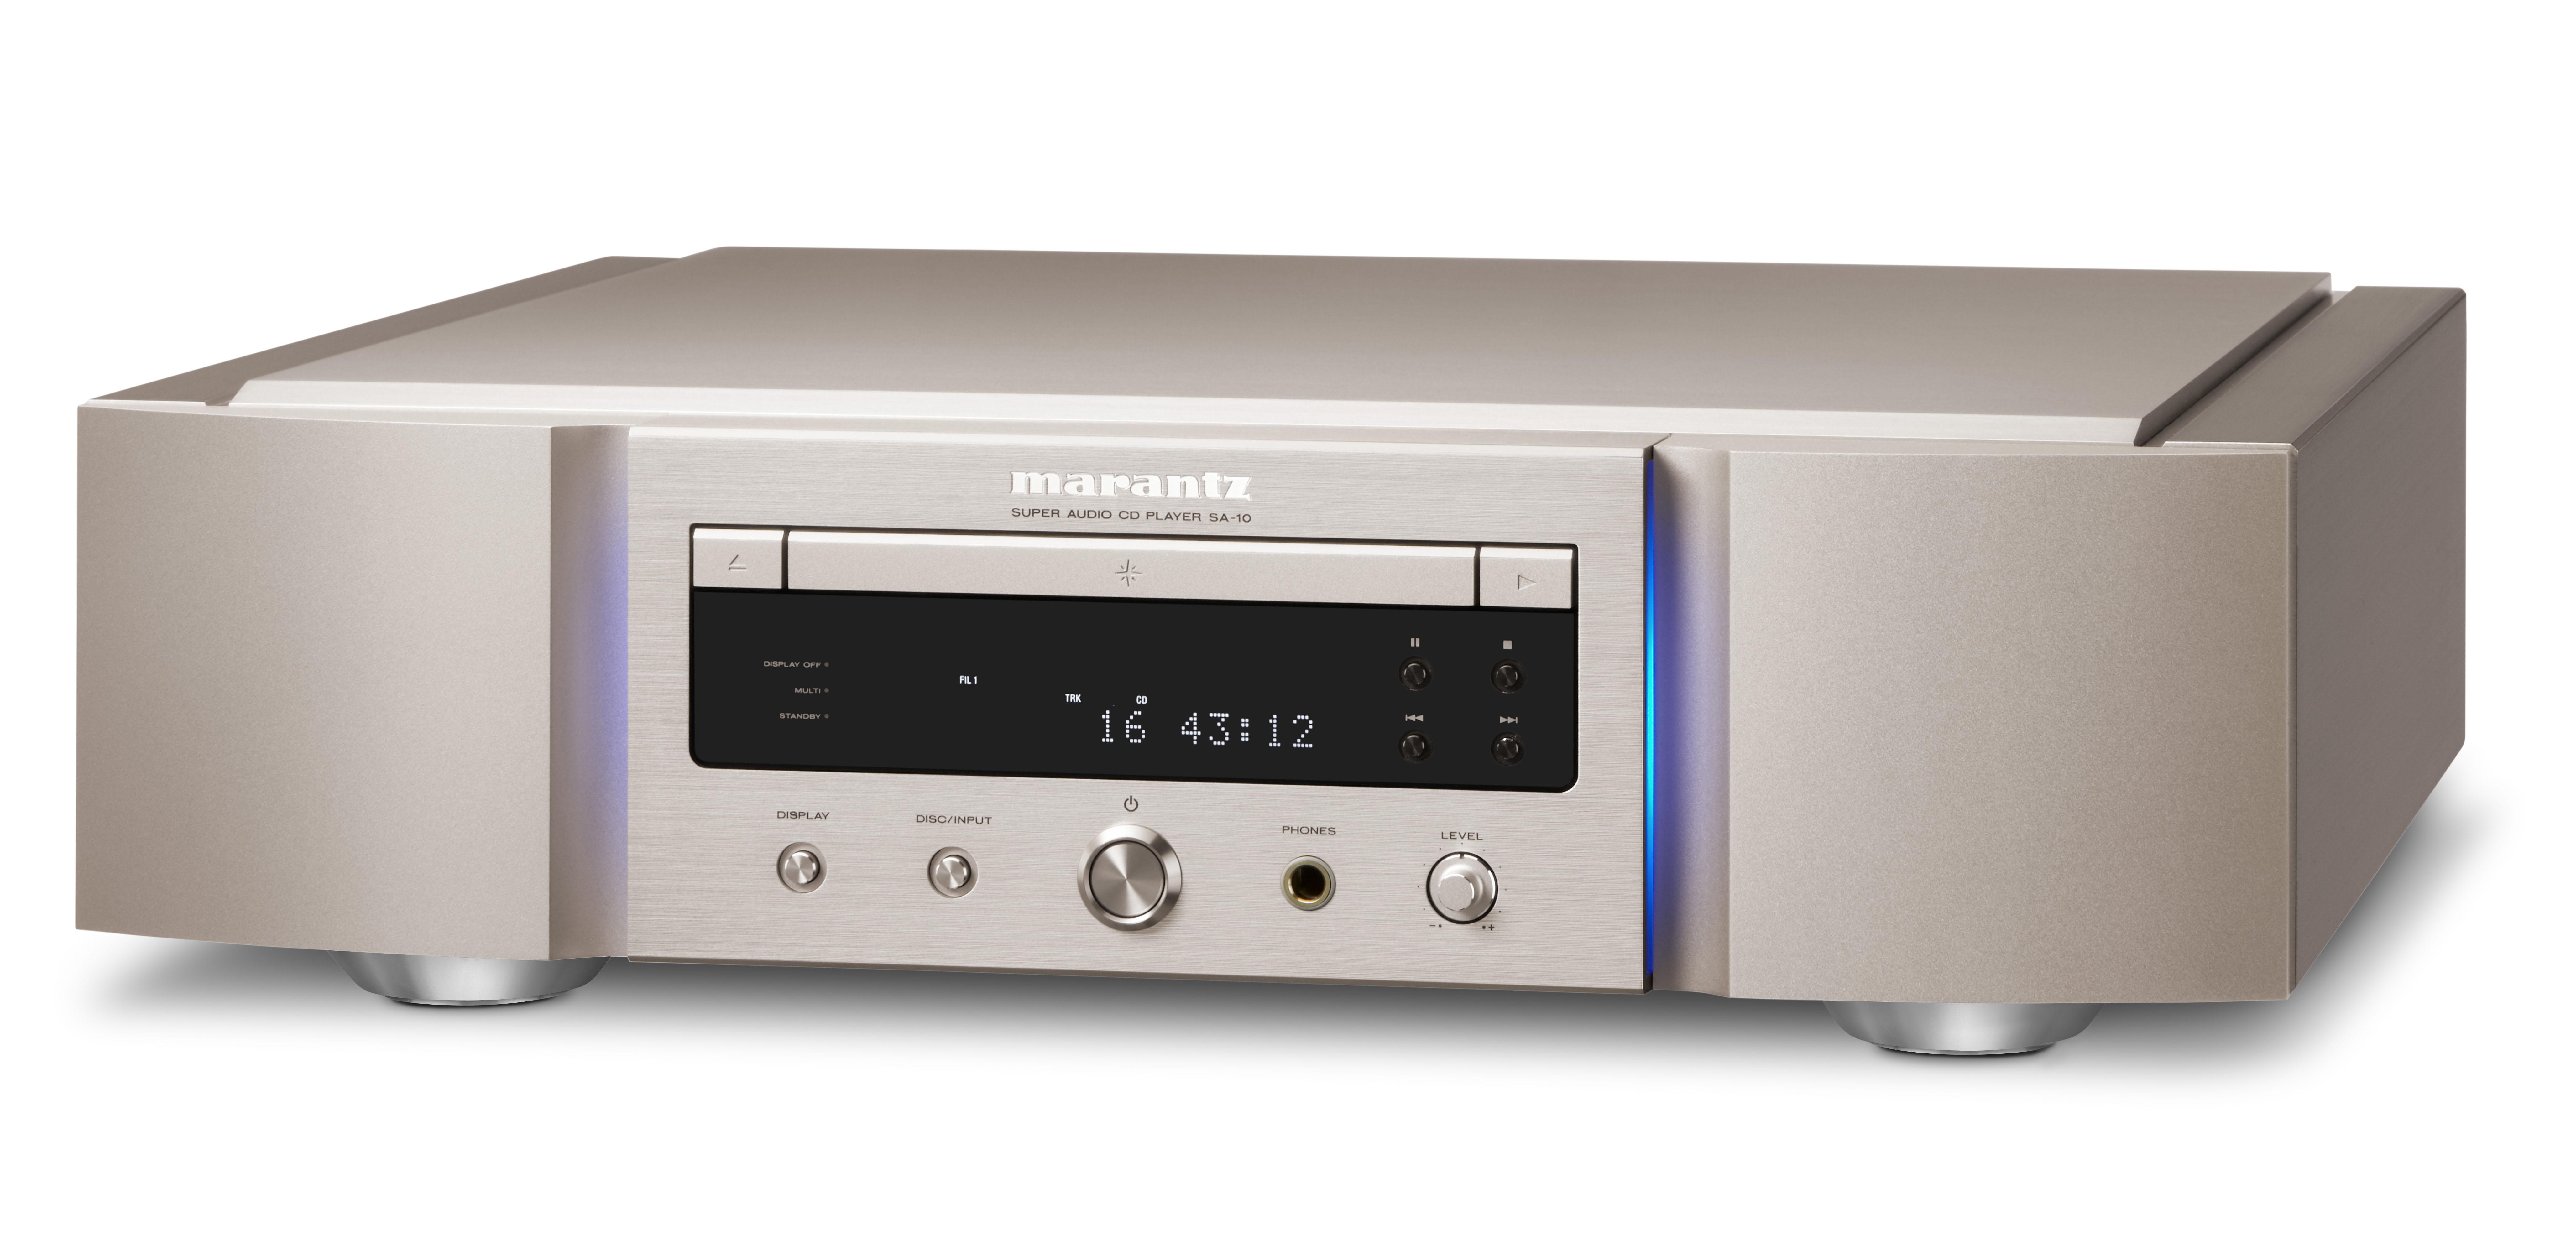 MARANTZ-SA-10-Gold-product-angled-FINAL.jpg